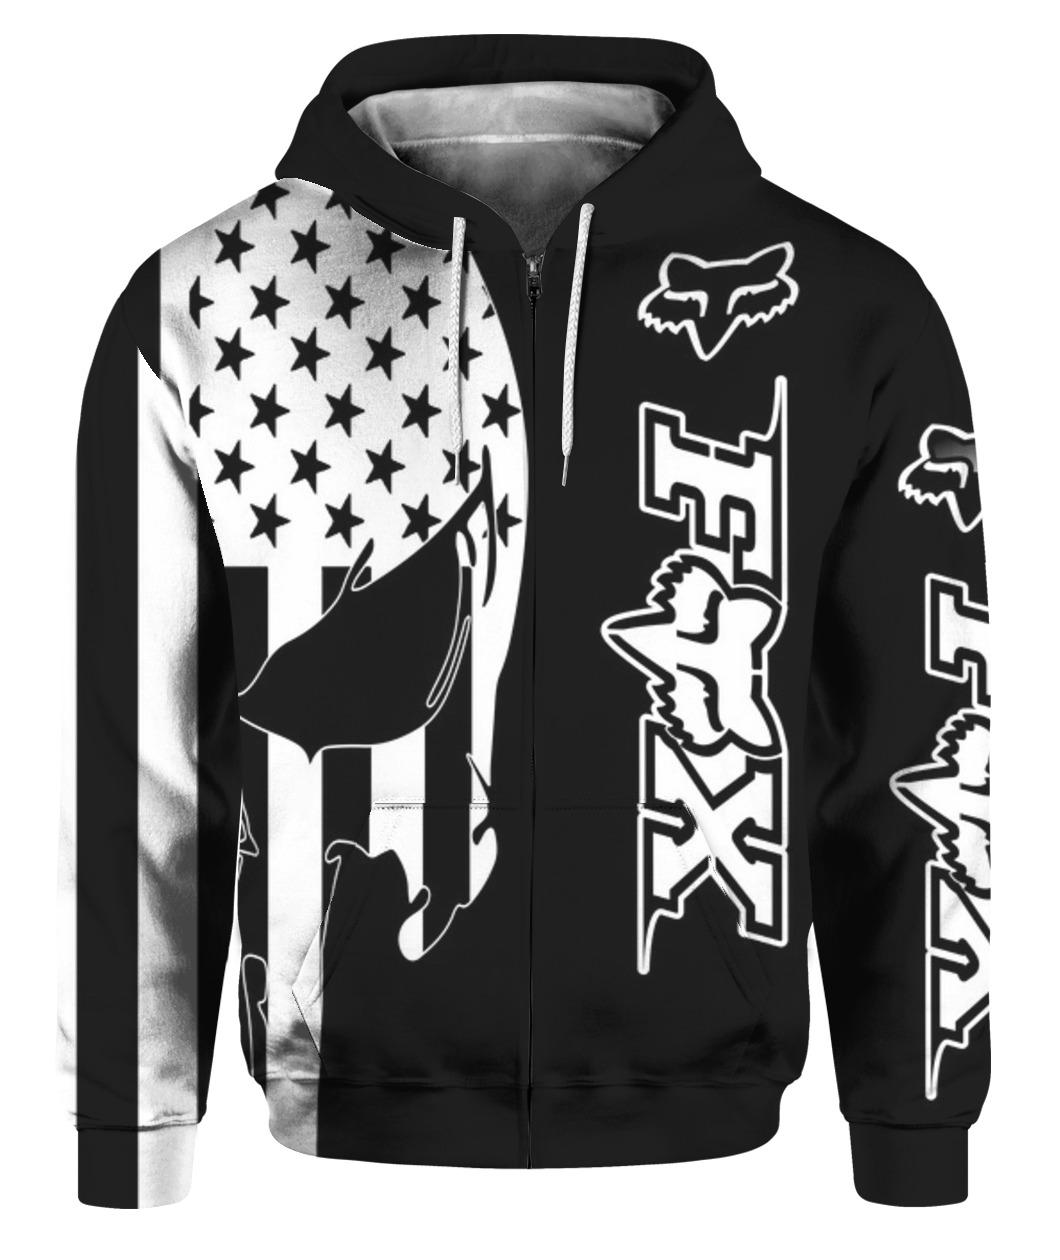 American flag skull fox racing full printing zip hoodie